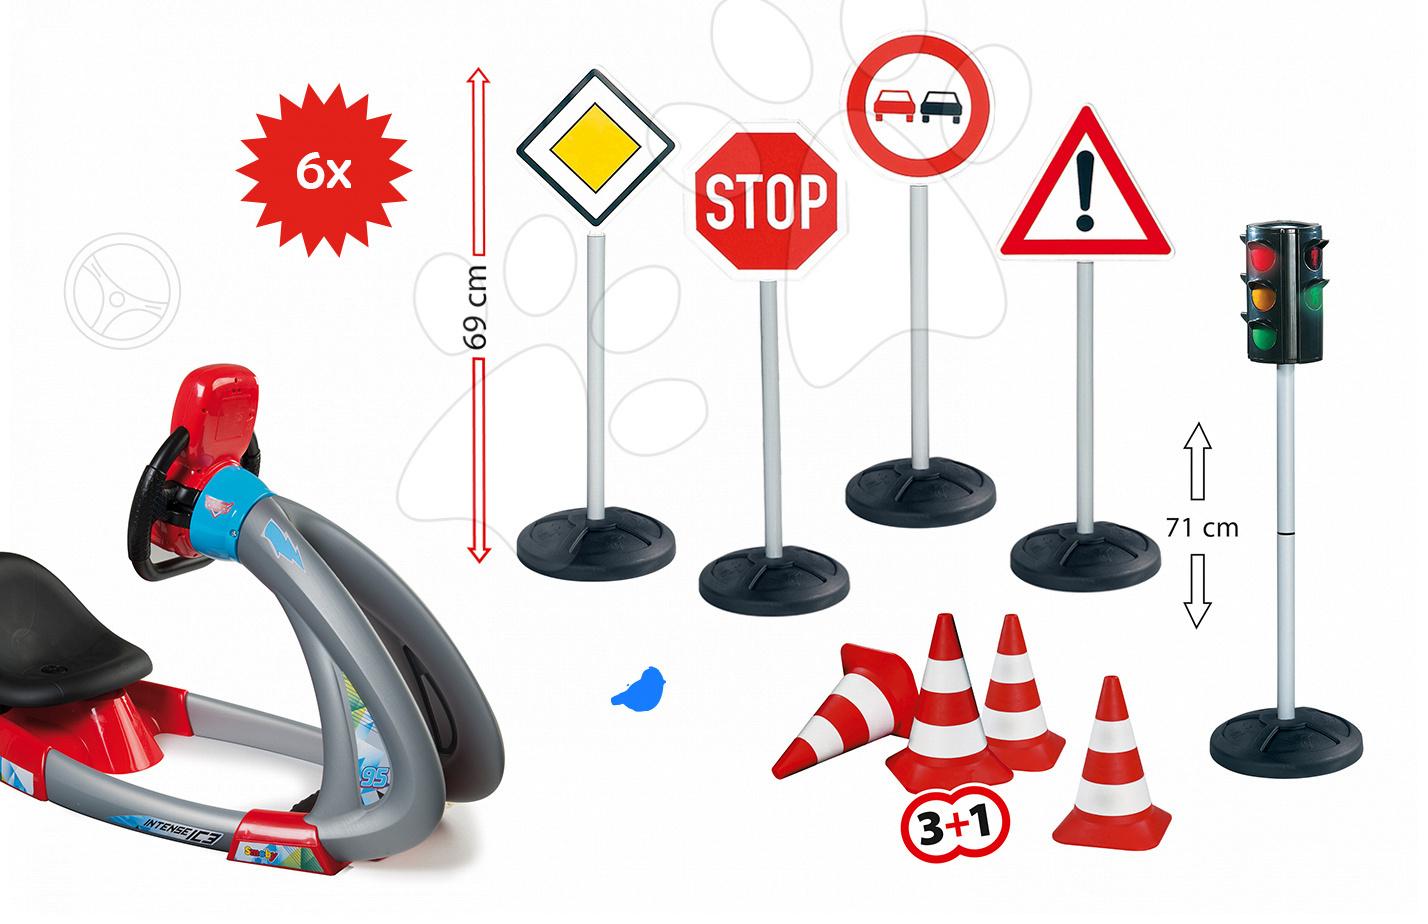 Set trenažér V8 Driver Smoby elektronický so zvukom a svetlom a dopravné značky so semaforom a kužeľmi